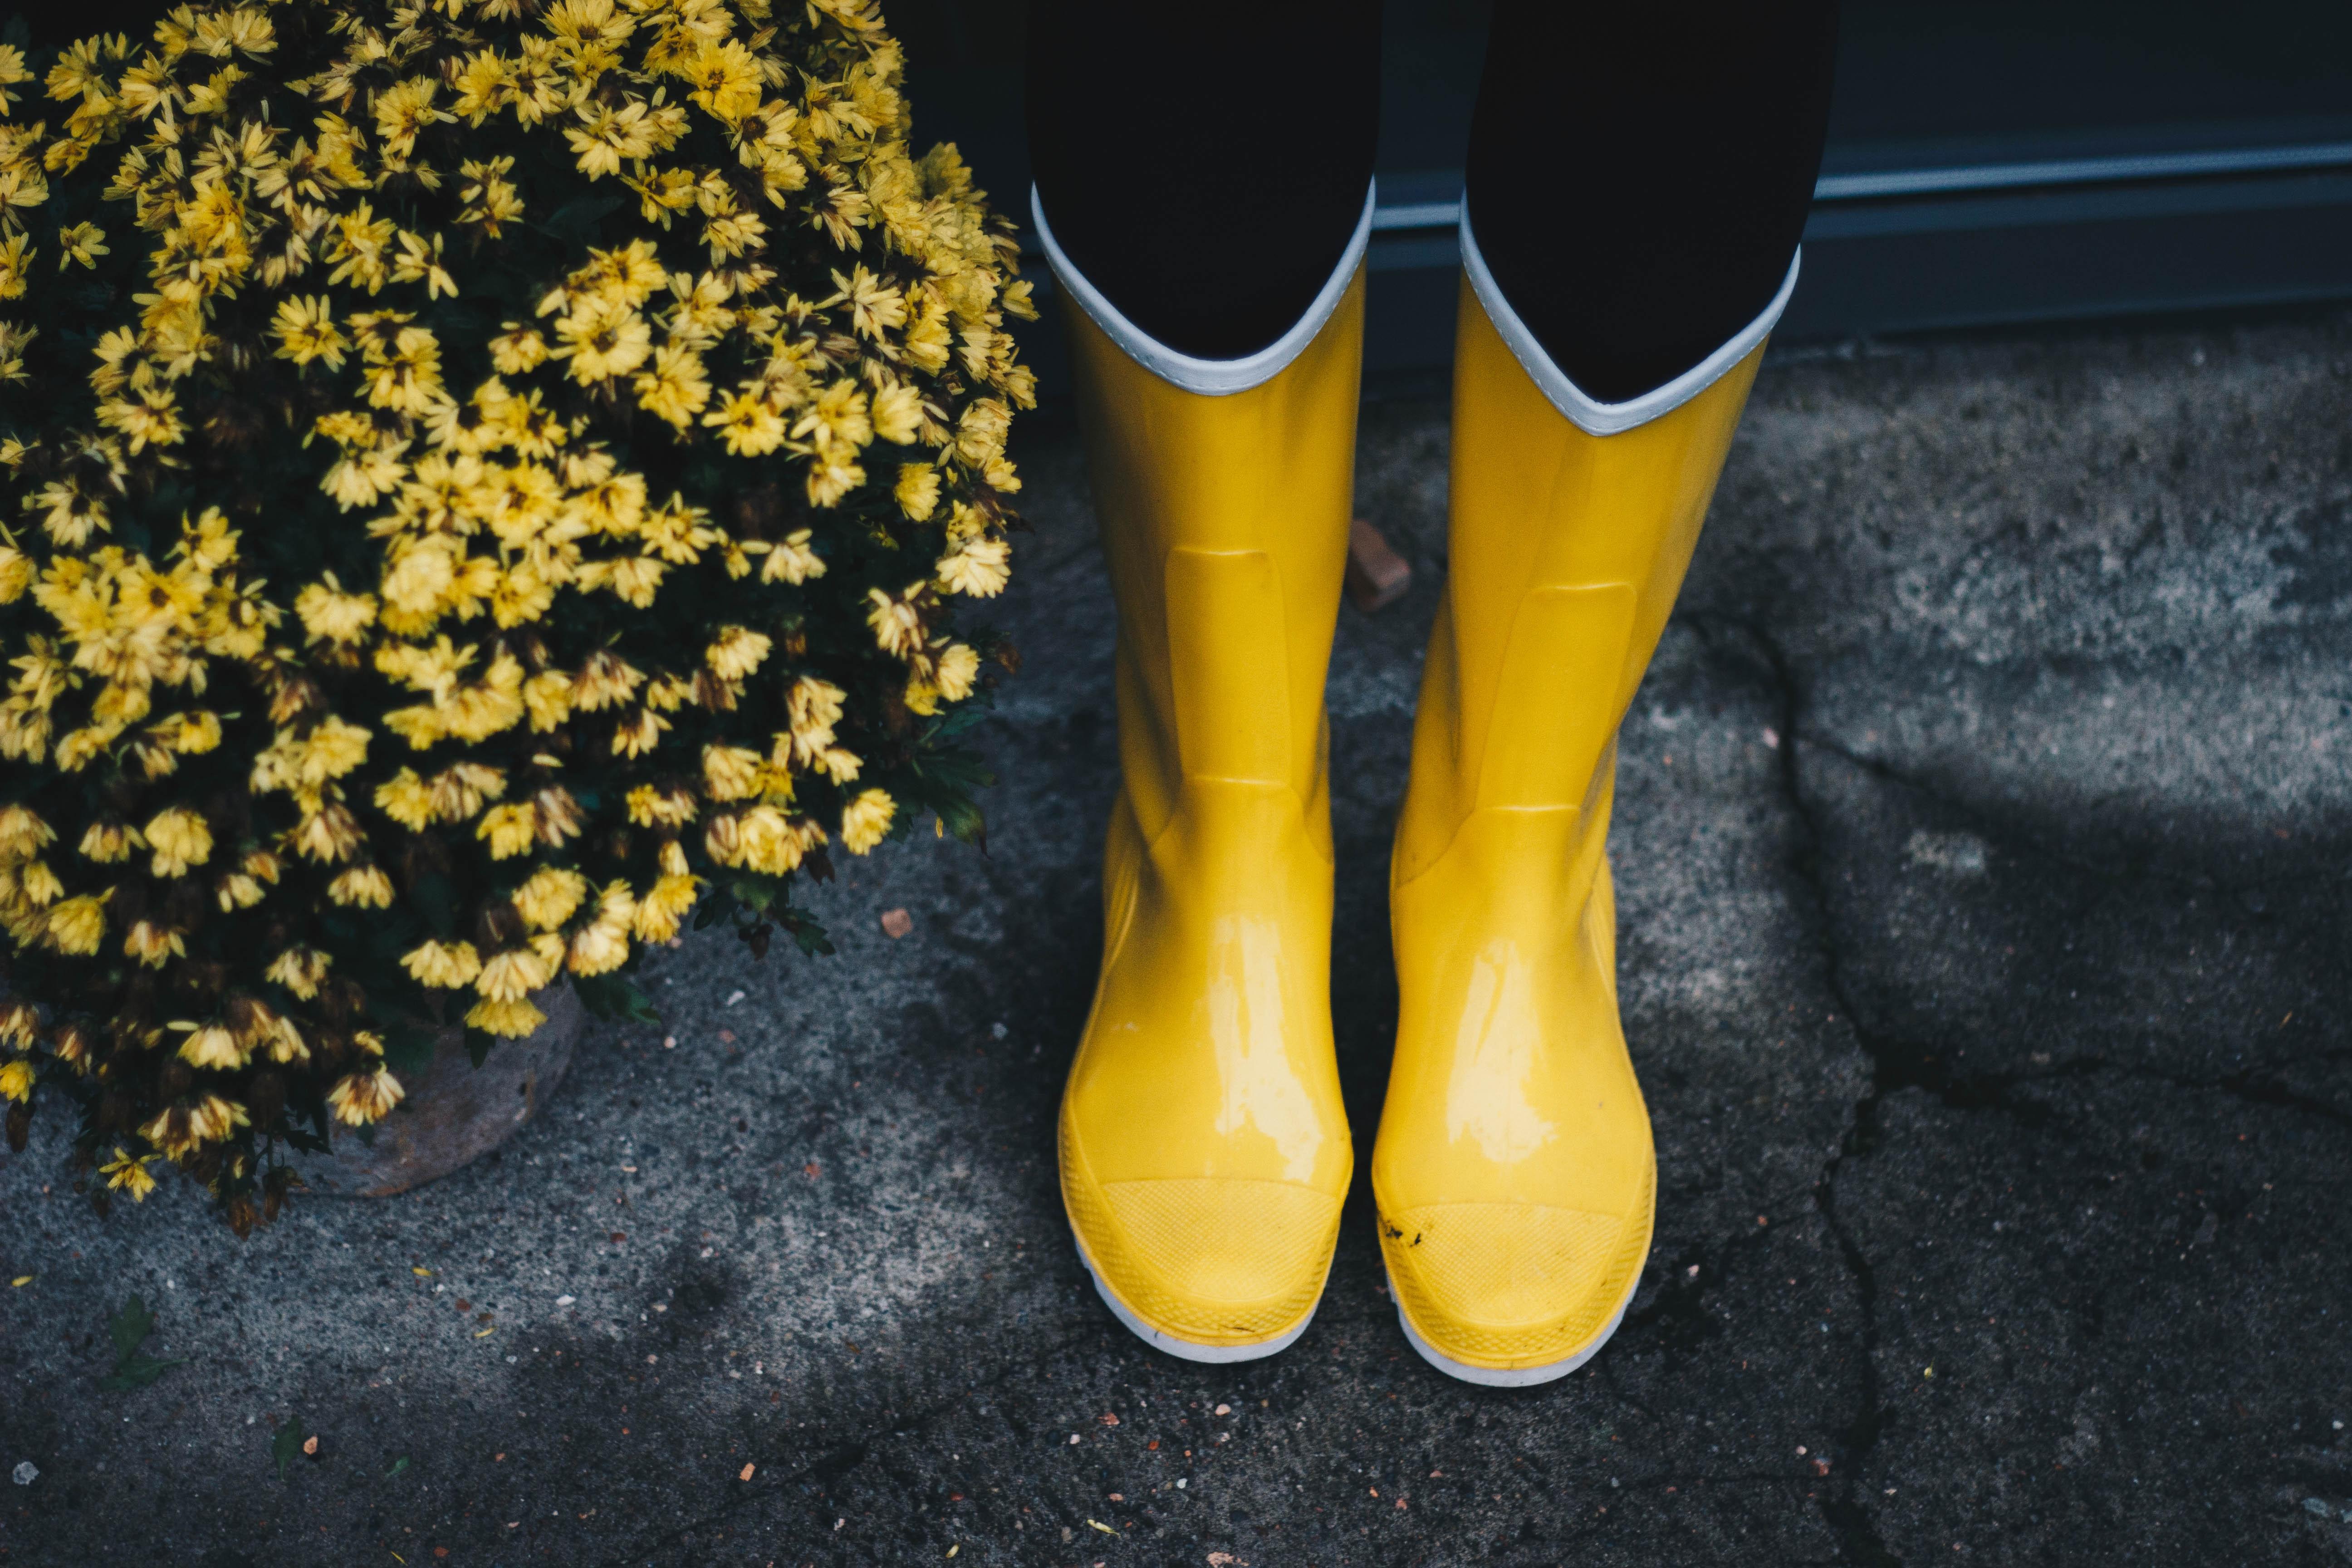 regn blöta sockar stövlar på sången